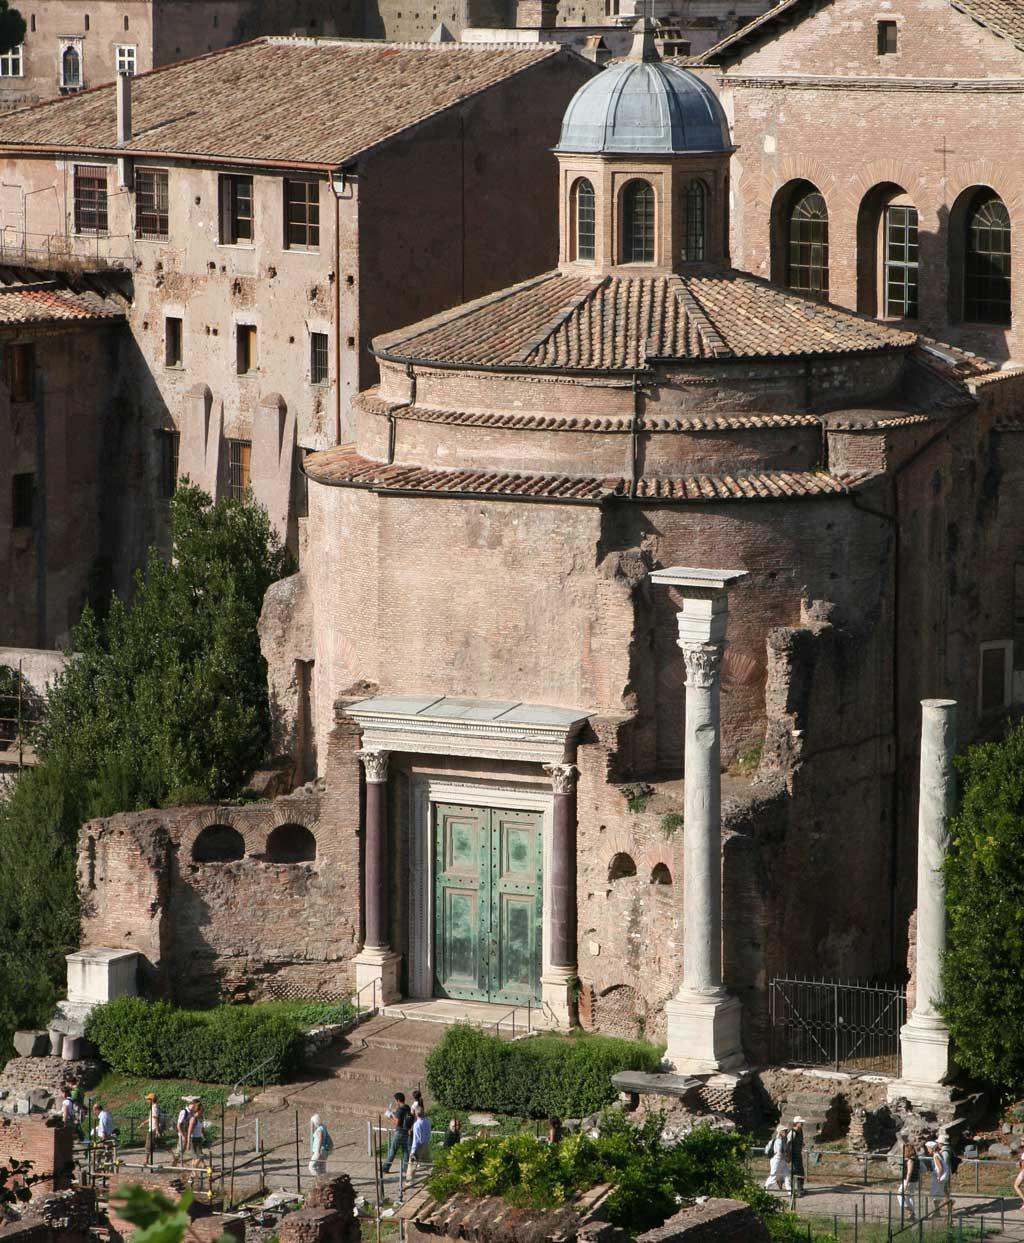 معبد دیووس رومولوس در رومان فروم